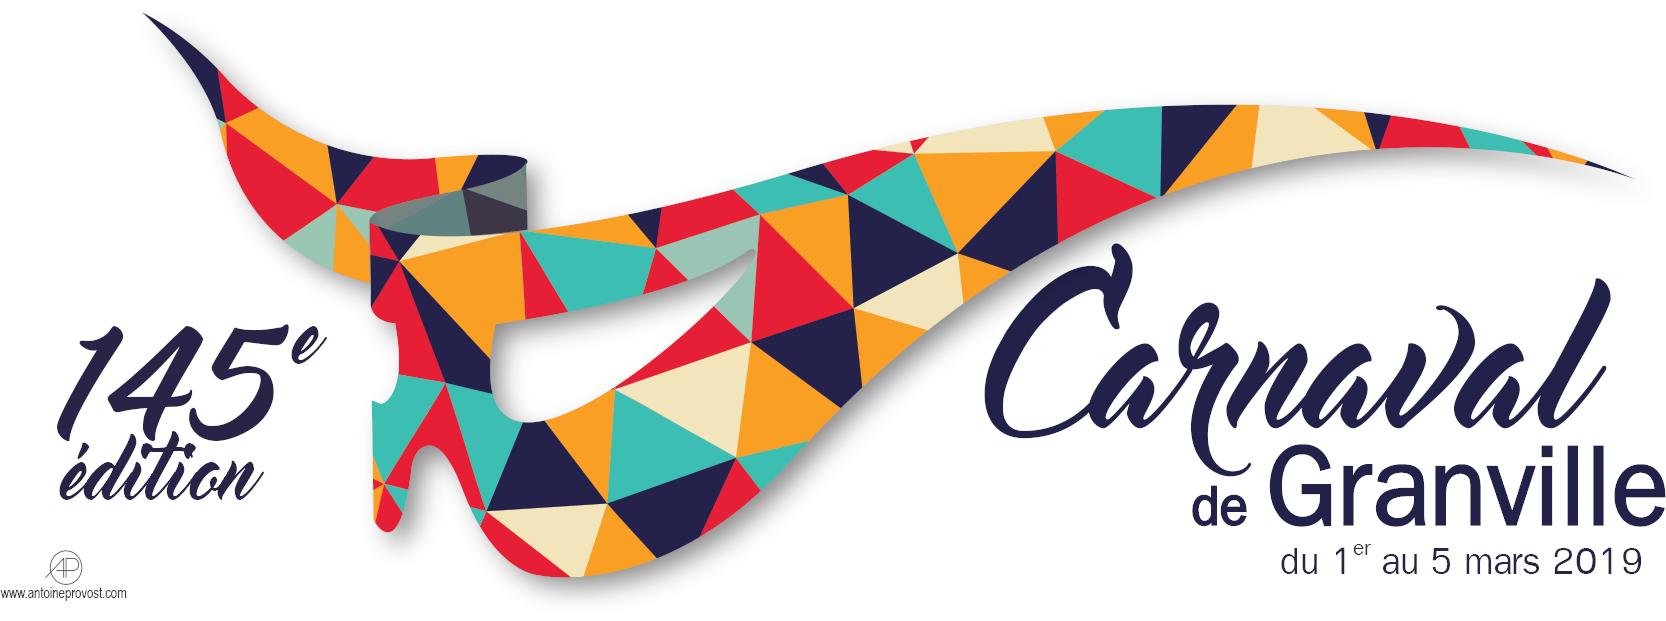 Francois Illas New Tradition: Granville Carnival